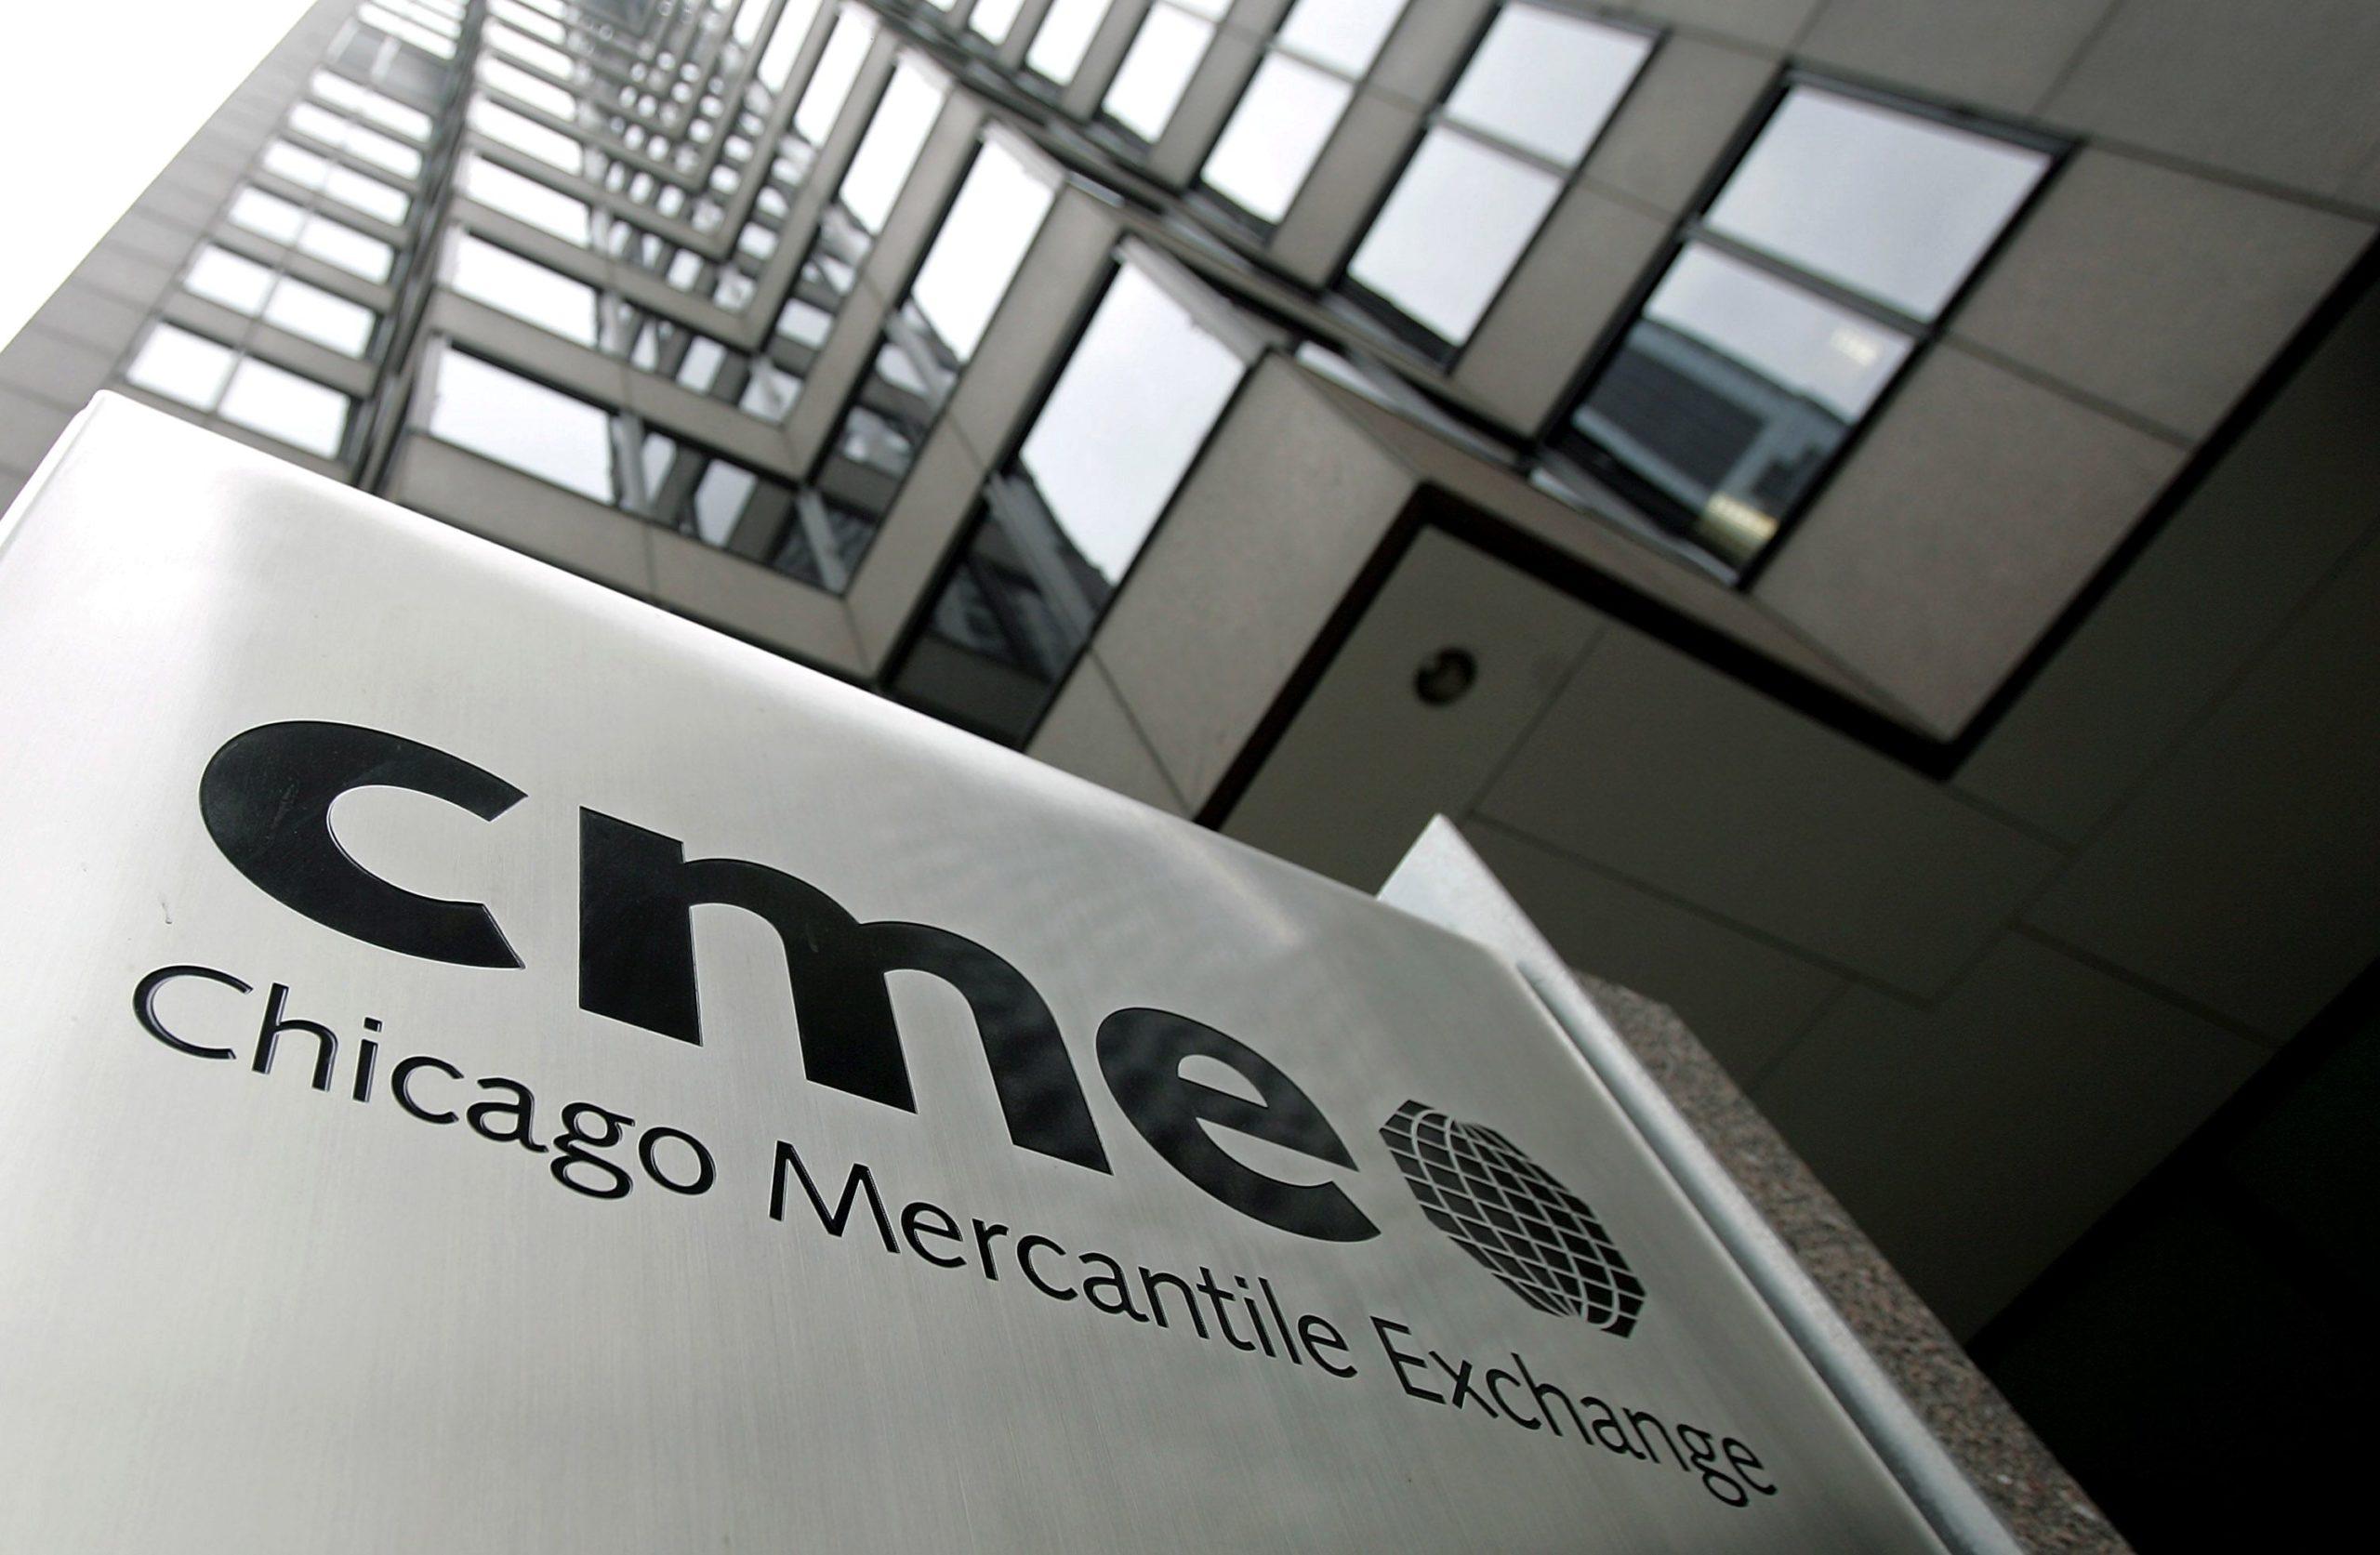 CME Bitcoini zirveye çıkardı scaled